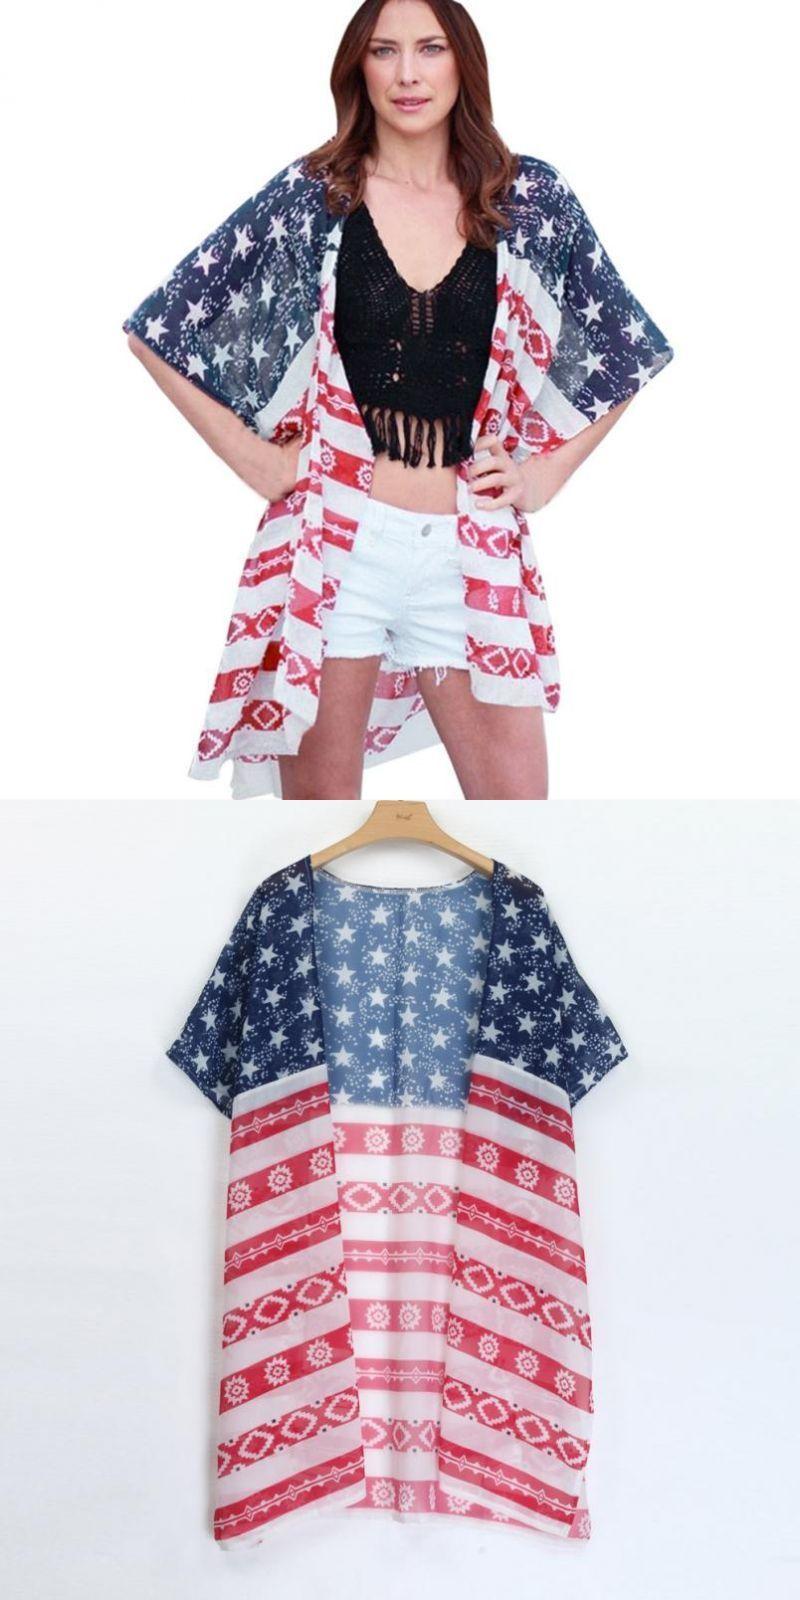 57876fc06 Women american usa flag print blouse loose chiffon tops xl summer print  beach wear shawl cover